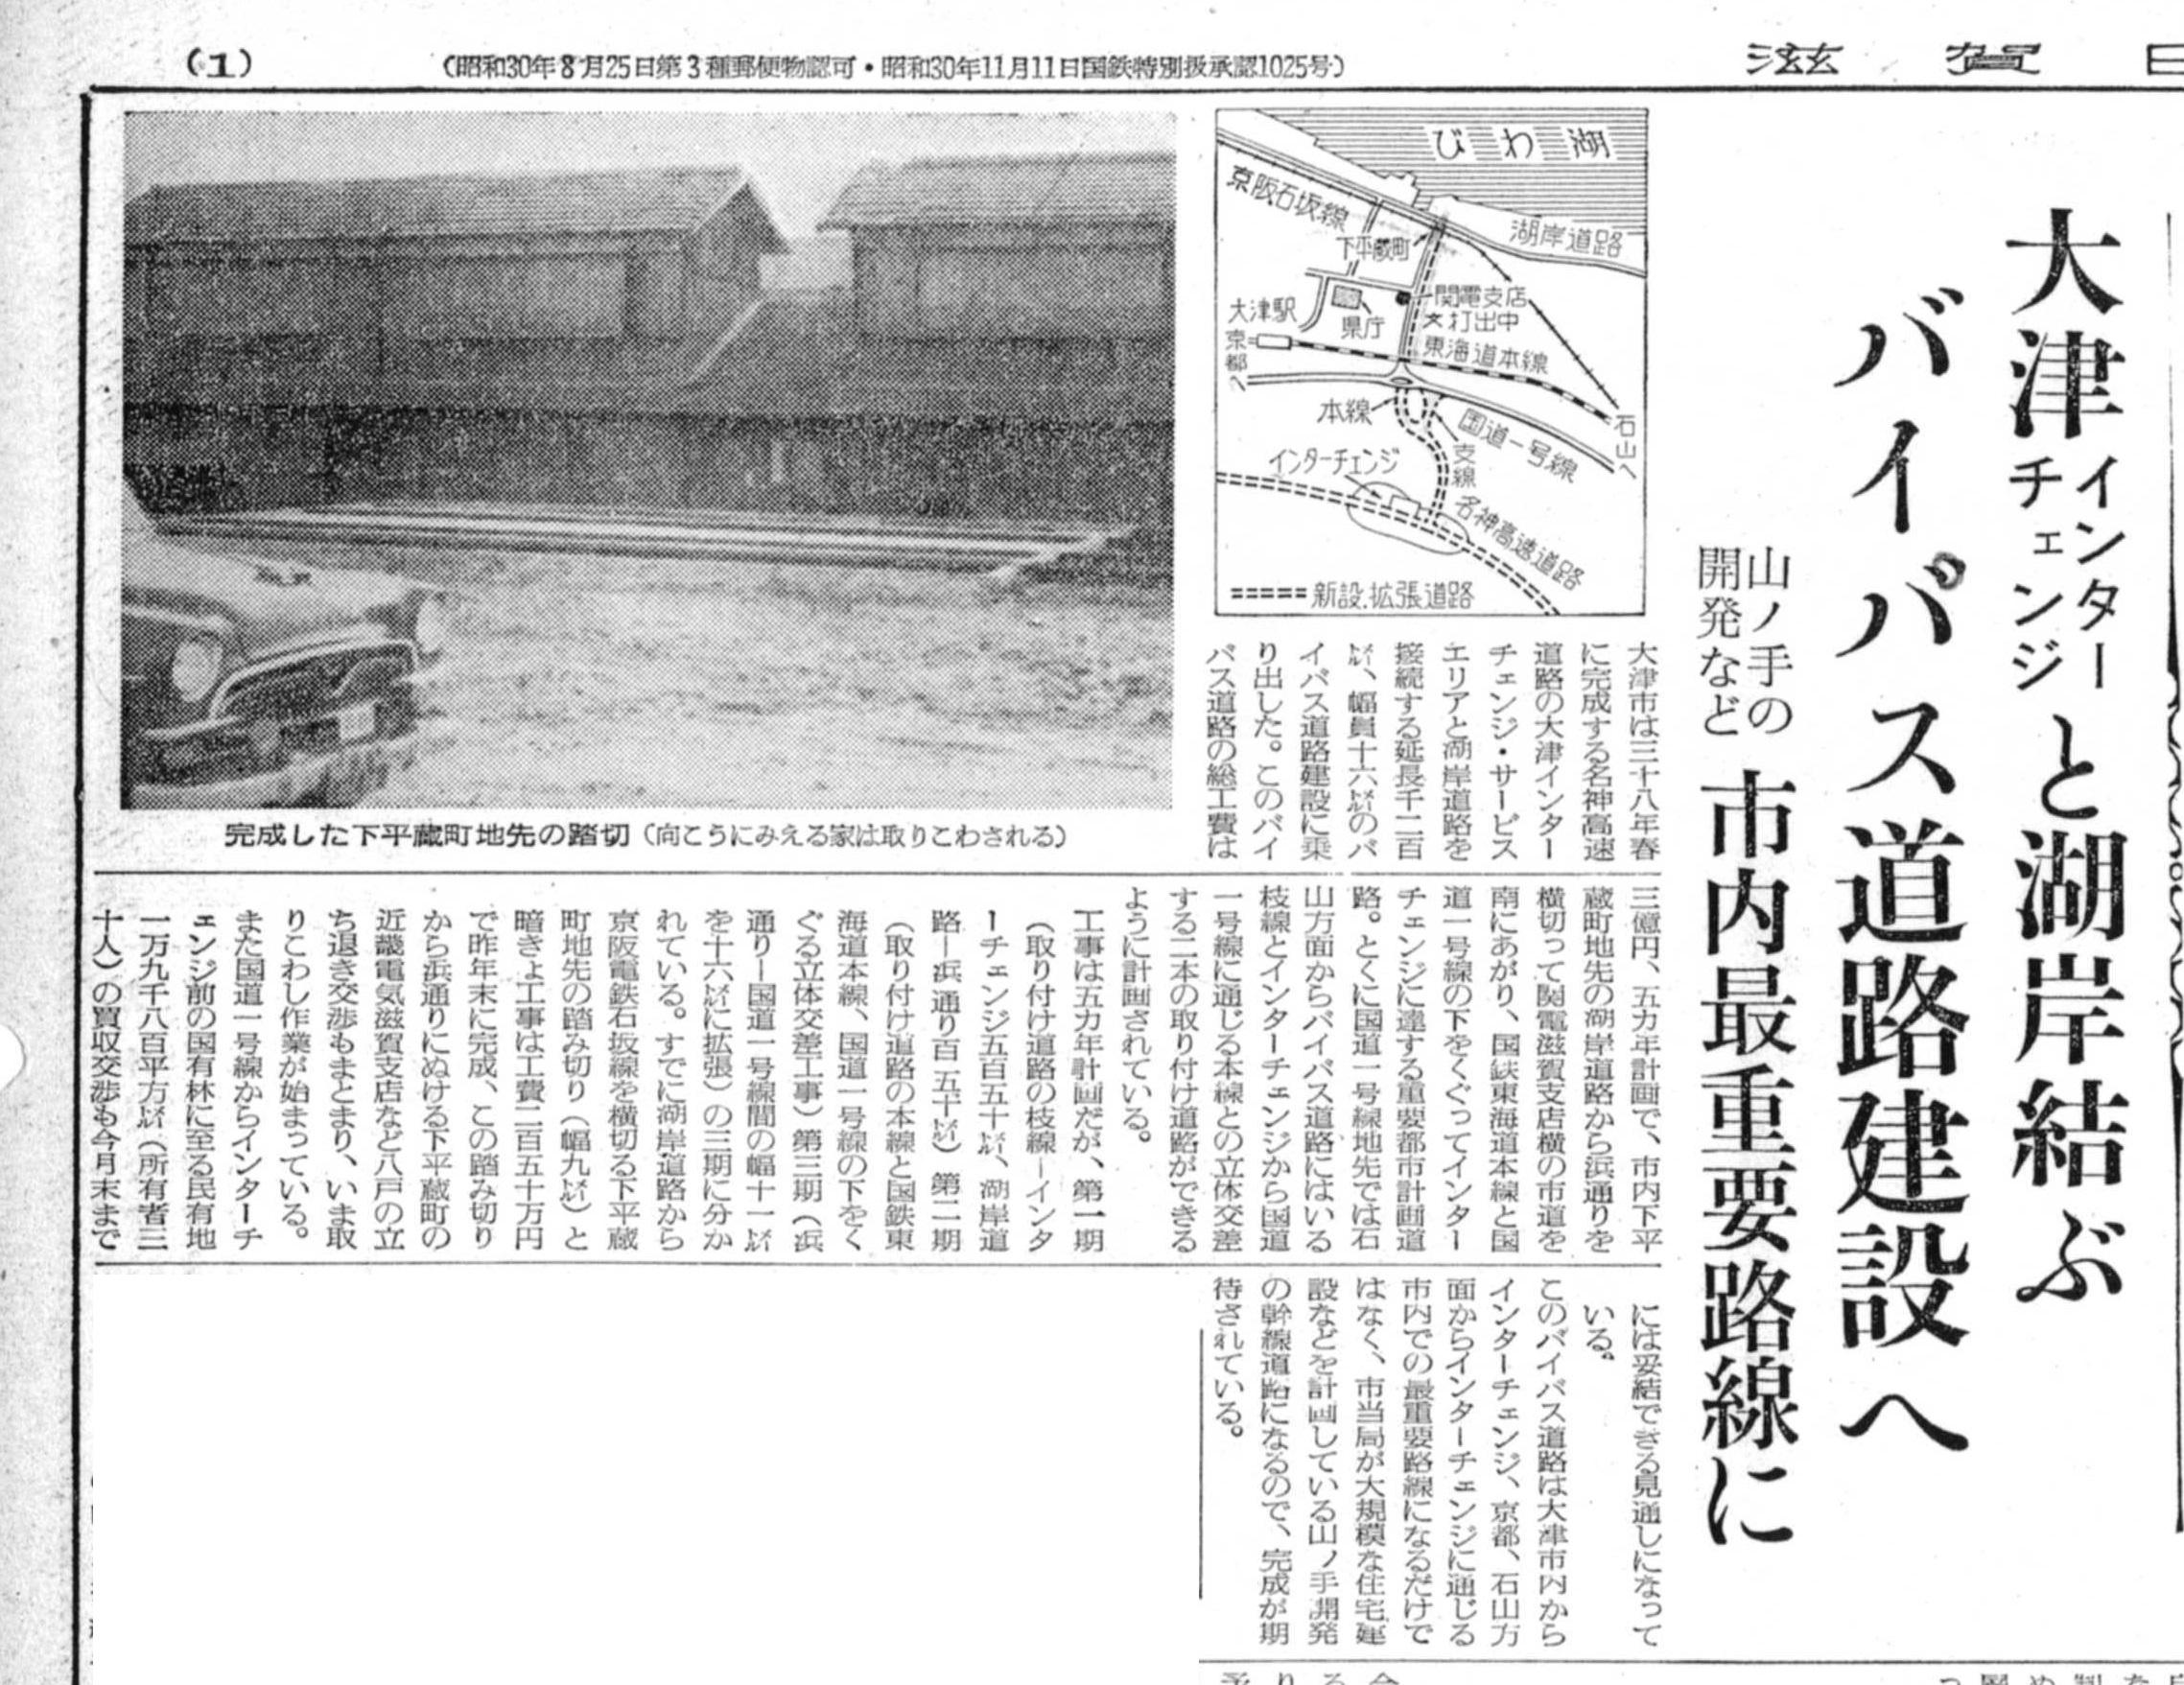 S37.1.12S 大津ICと湖岸を結ぶバイパスを計画b